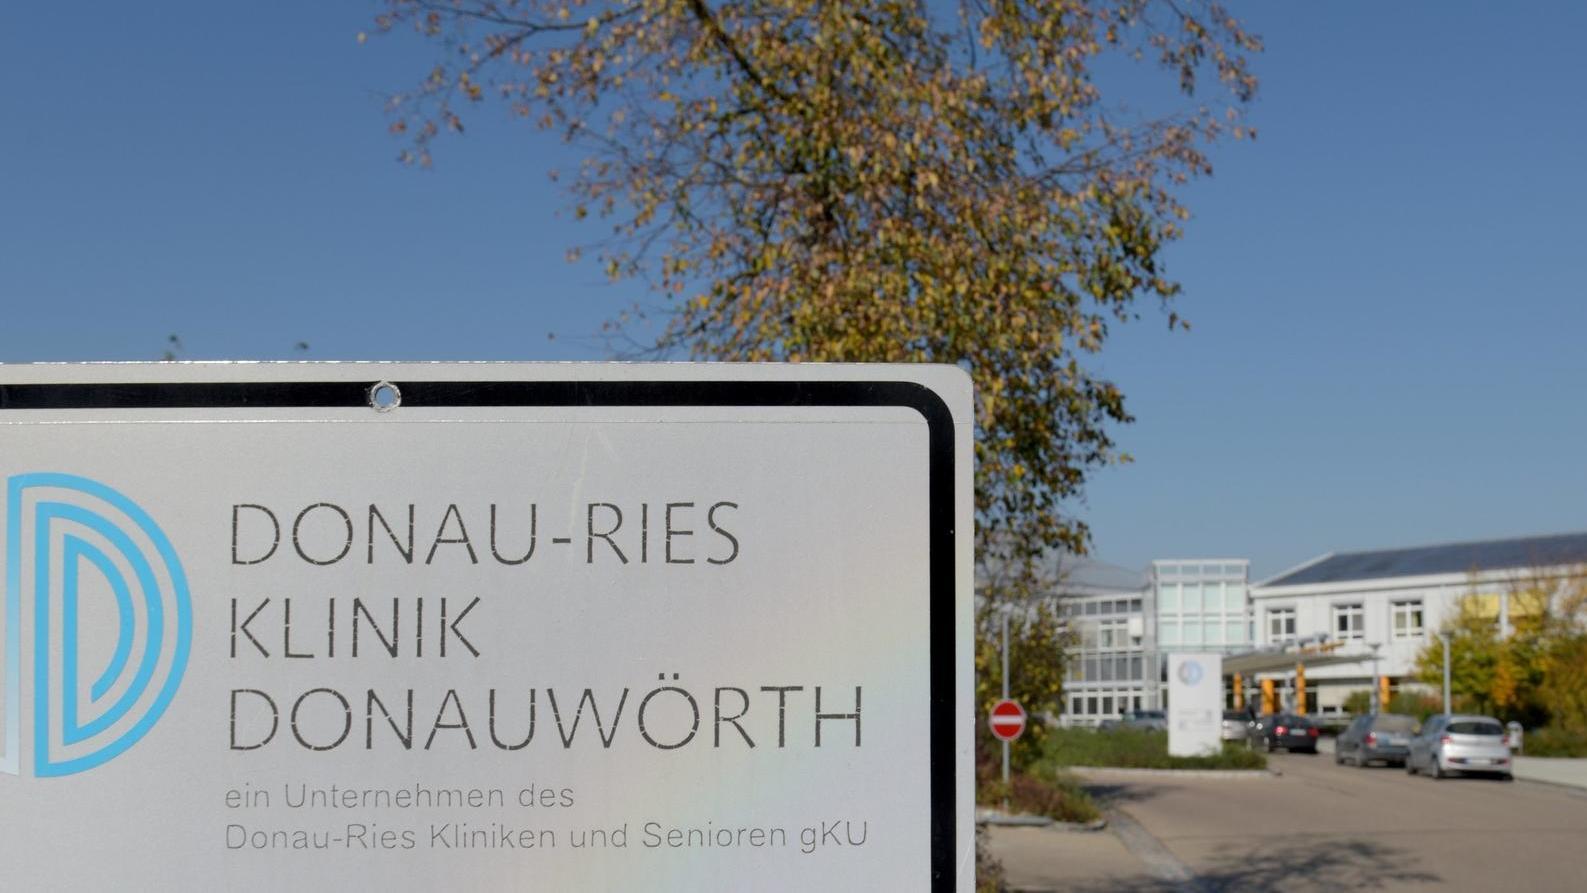 Das Schild Donau-Ries Klinik Donauwörth vor der Klinik